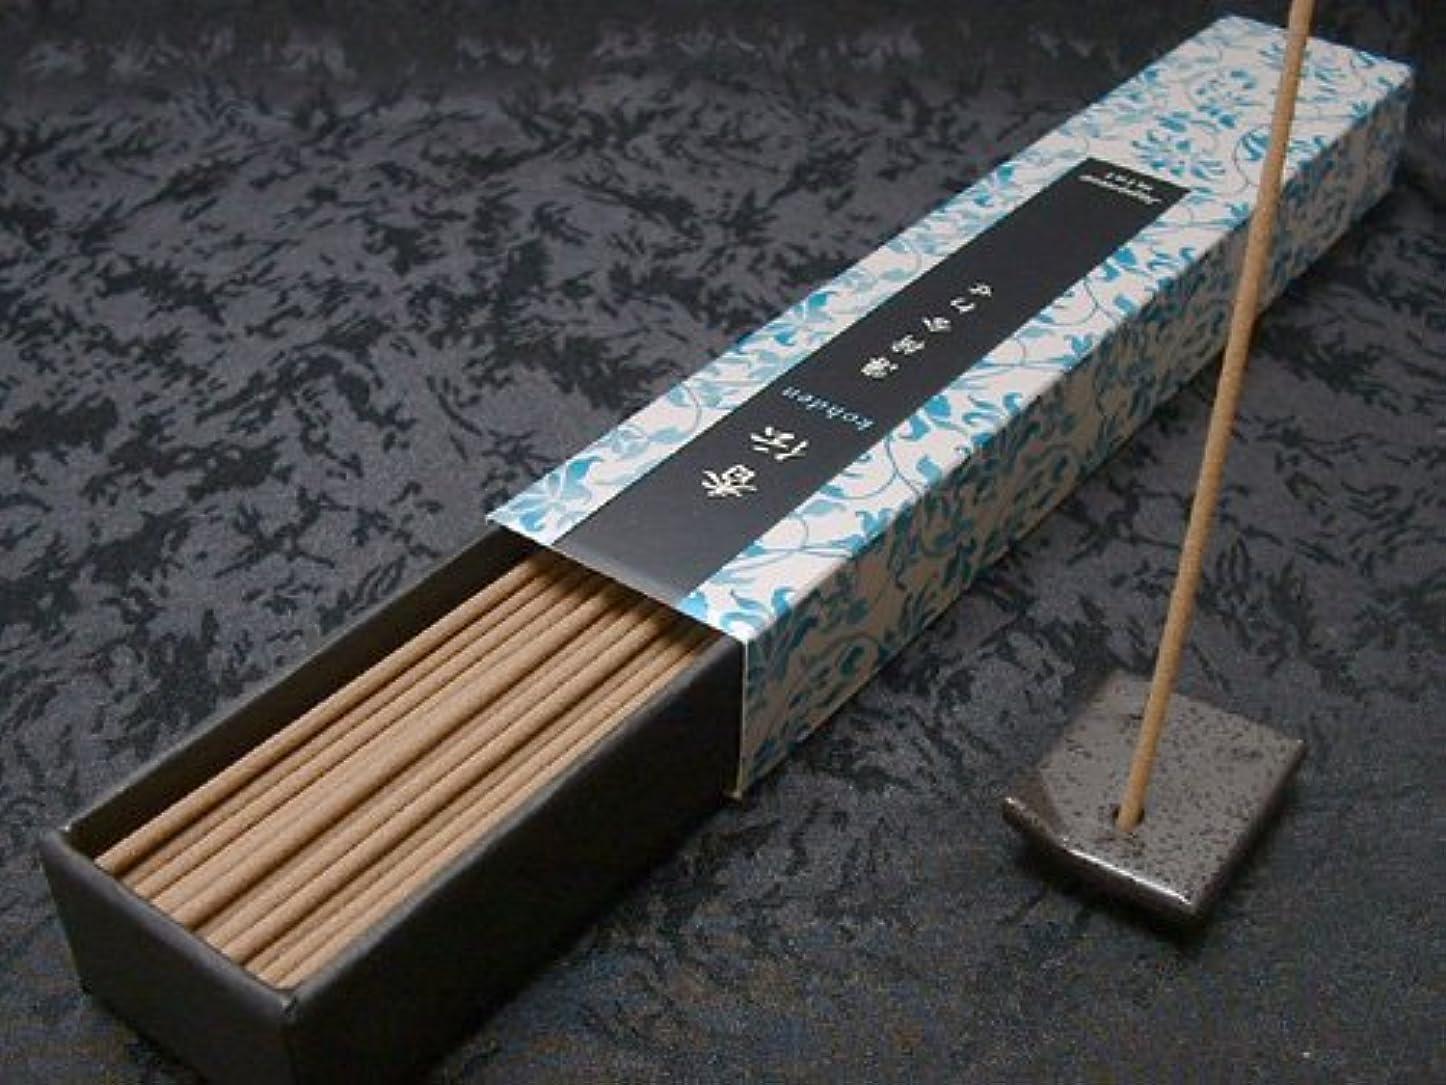 緊張ヤギモロニック日本香堂のお香 香伝 薄荷合わせ